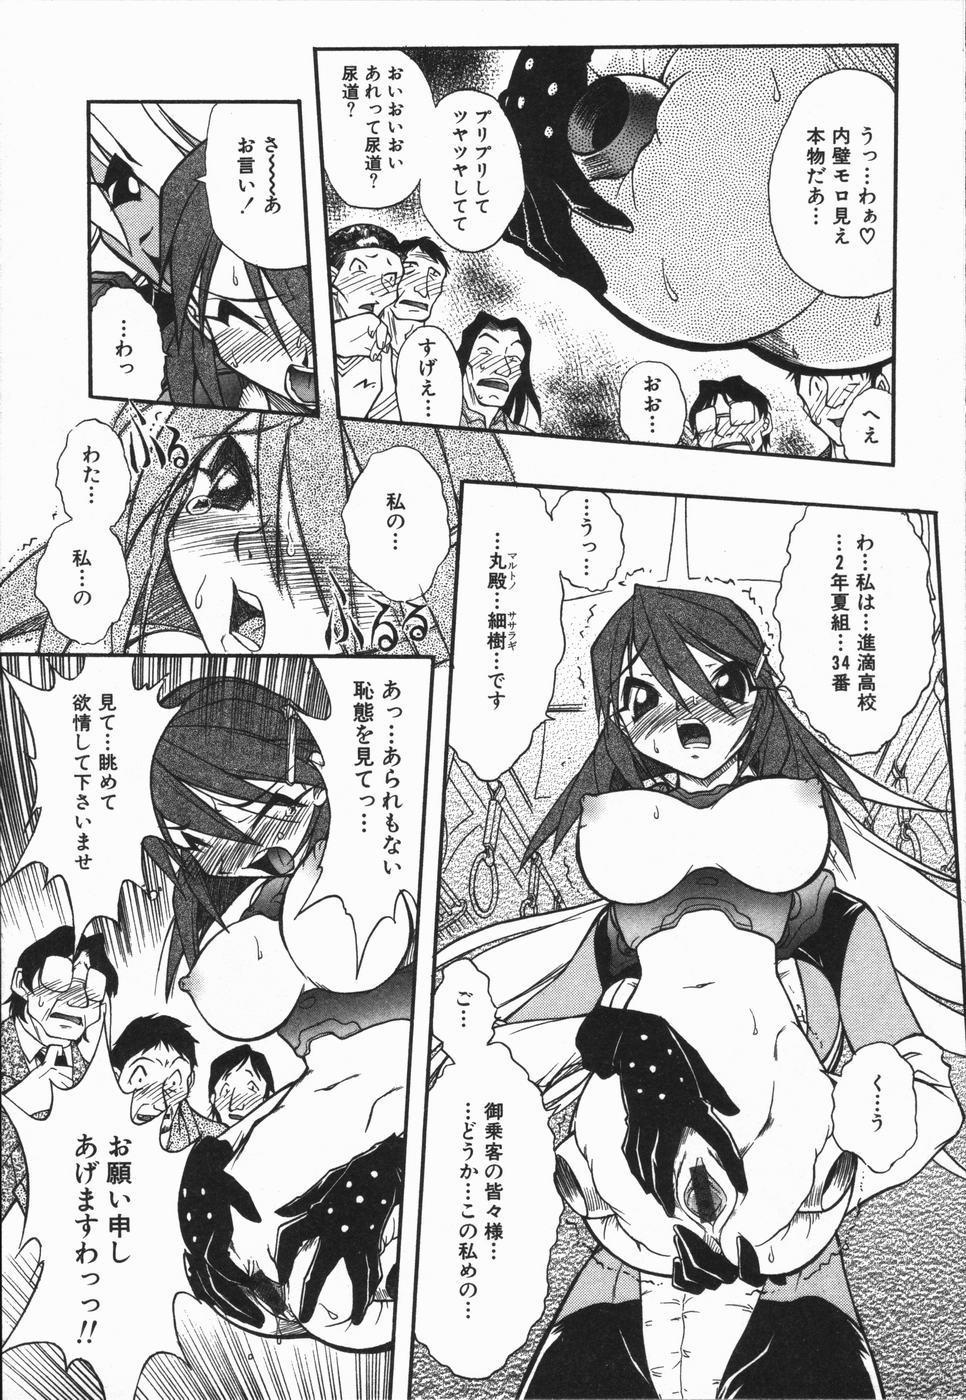 [Oka Sundome] Mebina-tachi no Gogo | -Maybe-na Afternoon- 146